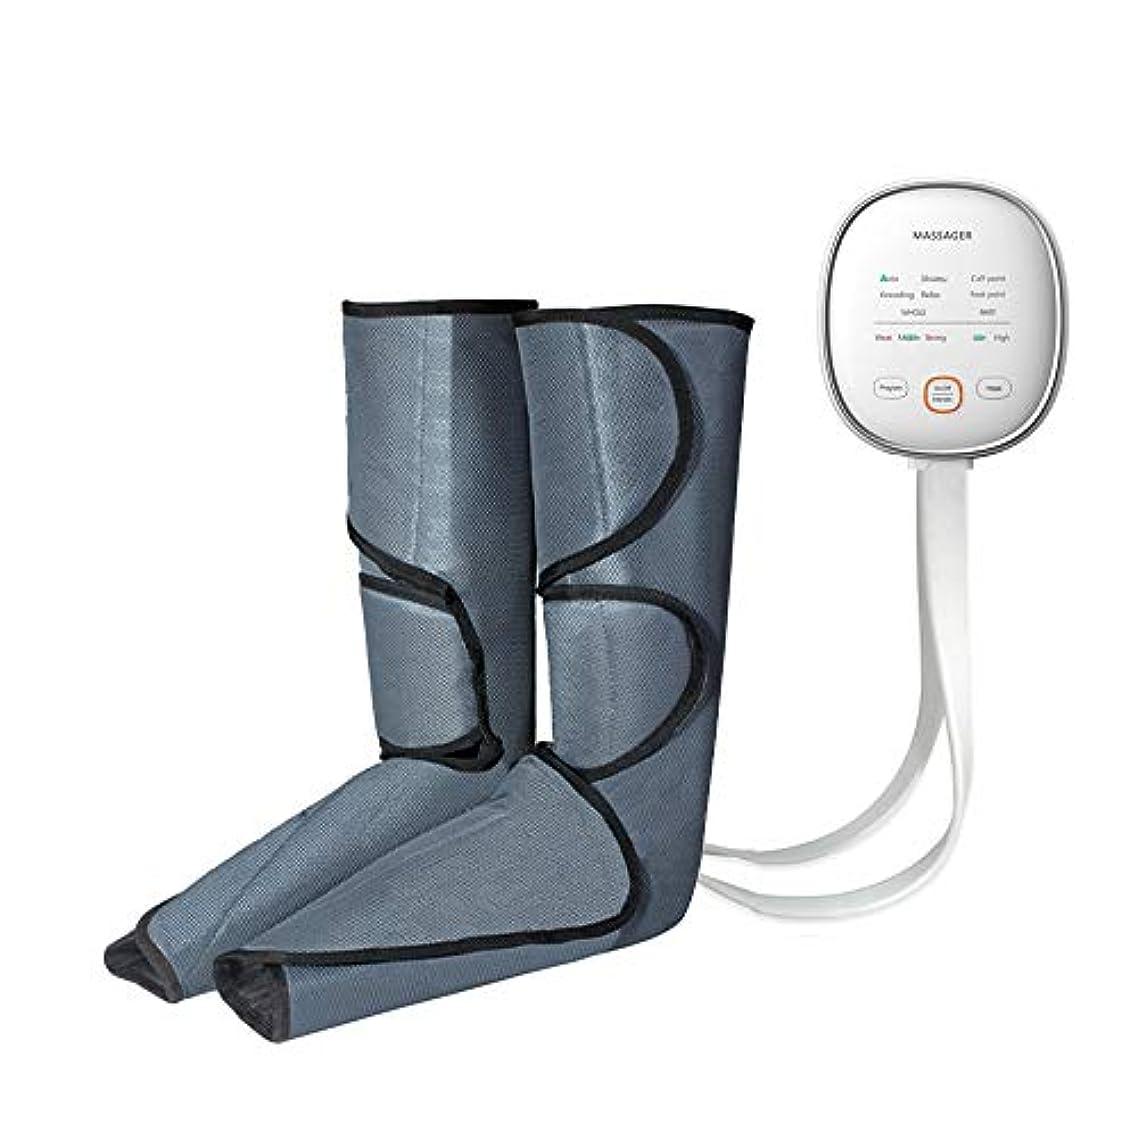 インシデントお酒送信するフットマッサージャー エアーマッサージャー器 足とふくらはぎマッサージ 温感機能 3つ段階の強さ フット空気圧縮マッサージ 血行の促進 疲労回復